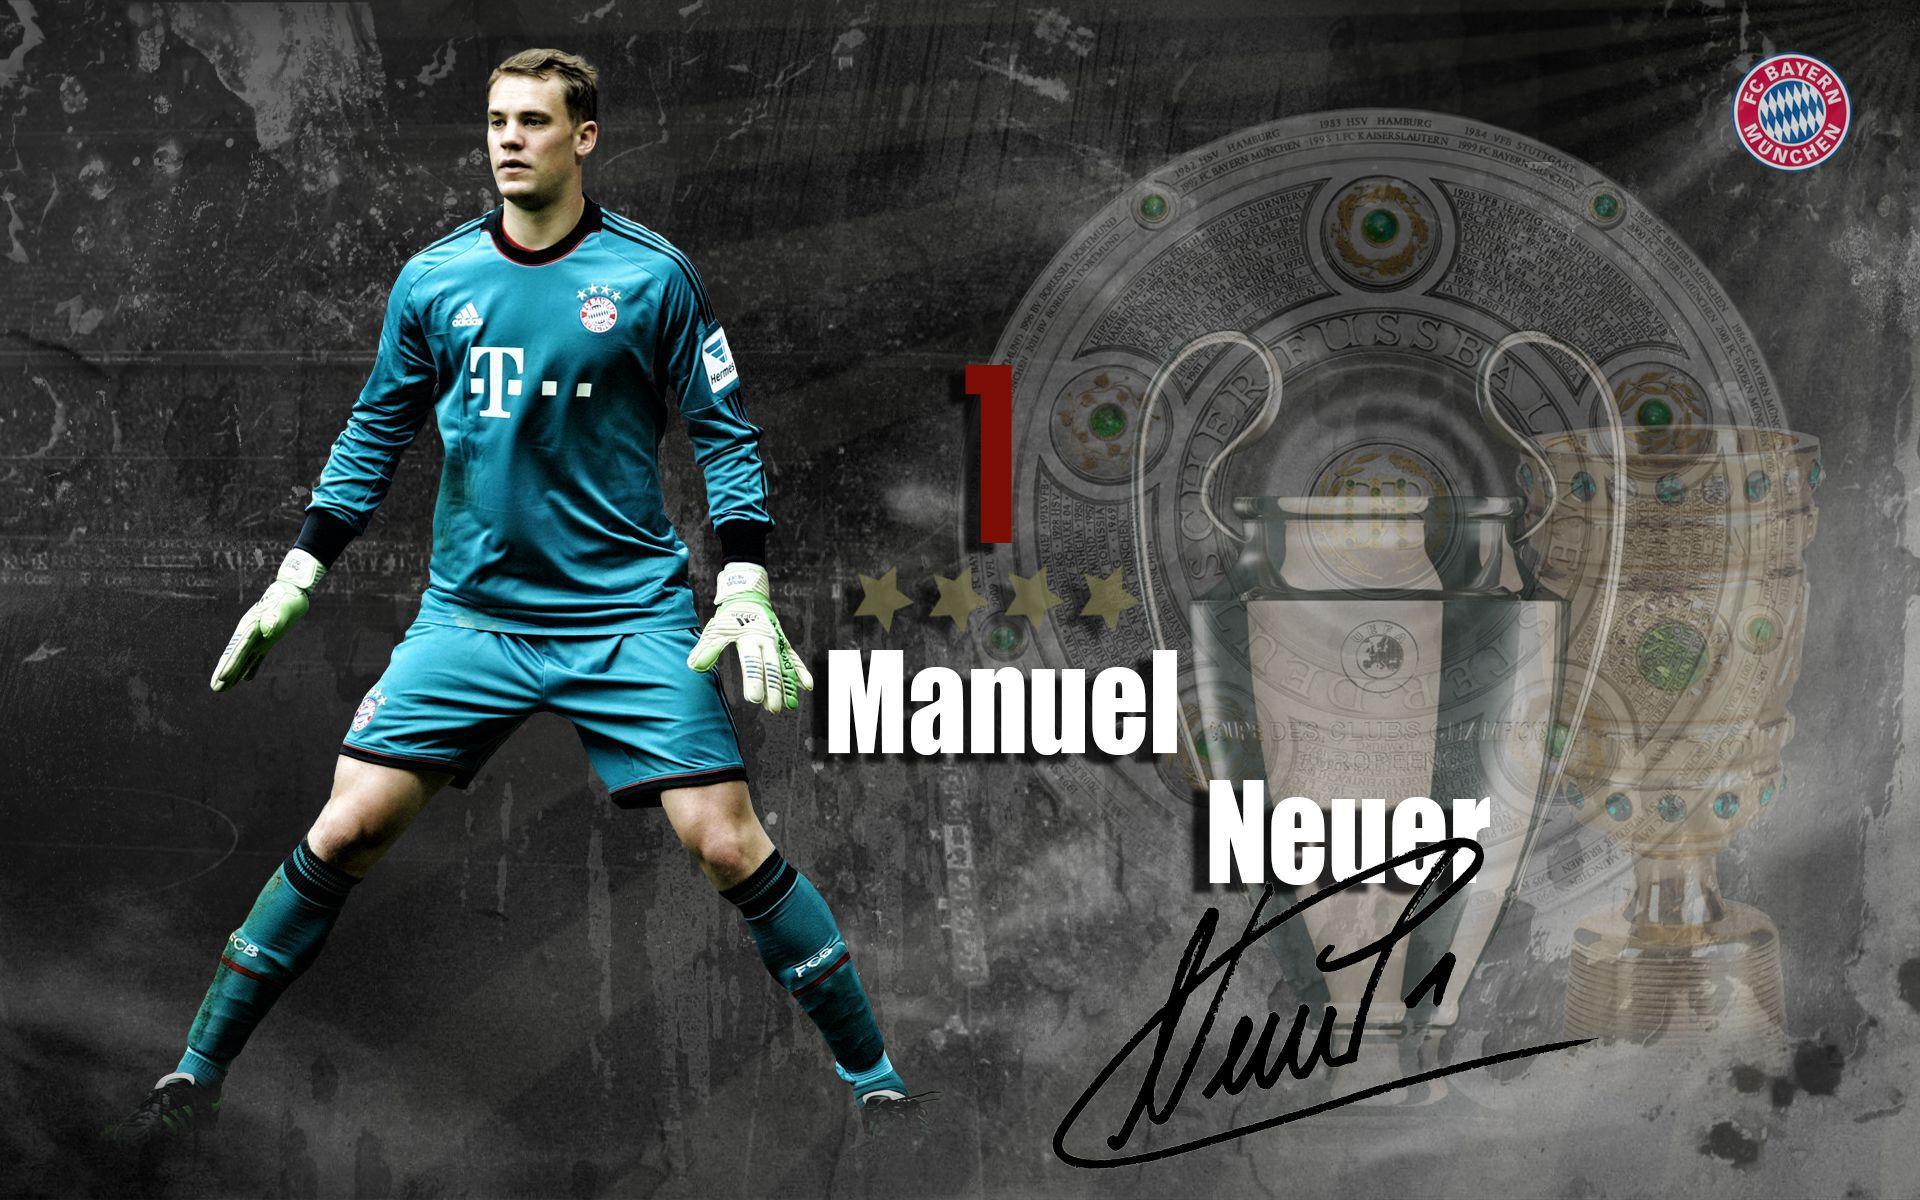 Manuel Neuer Wallpapers Top Free Manuel Neuer Backgrounds Wallpaperaccess